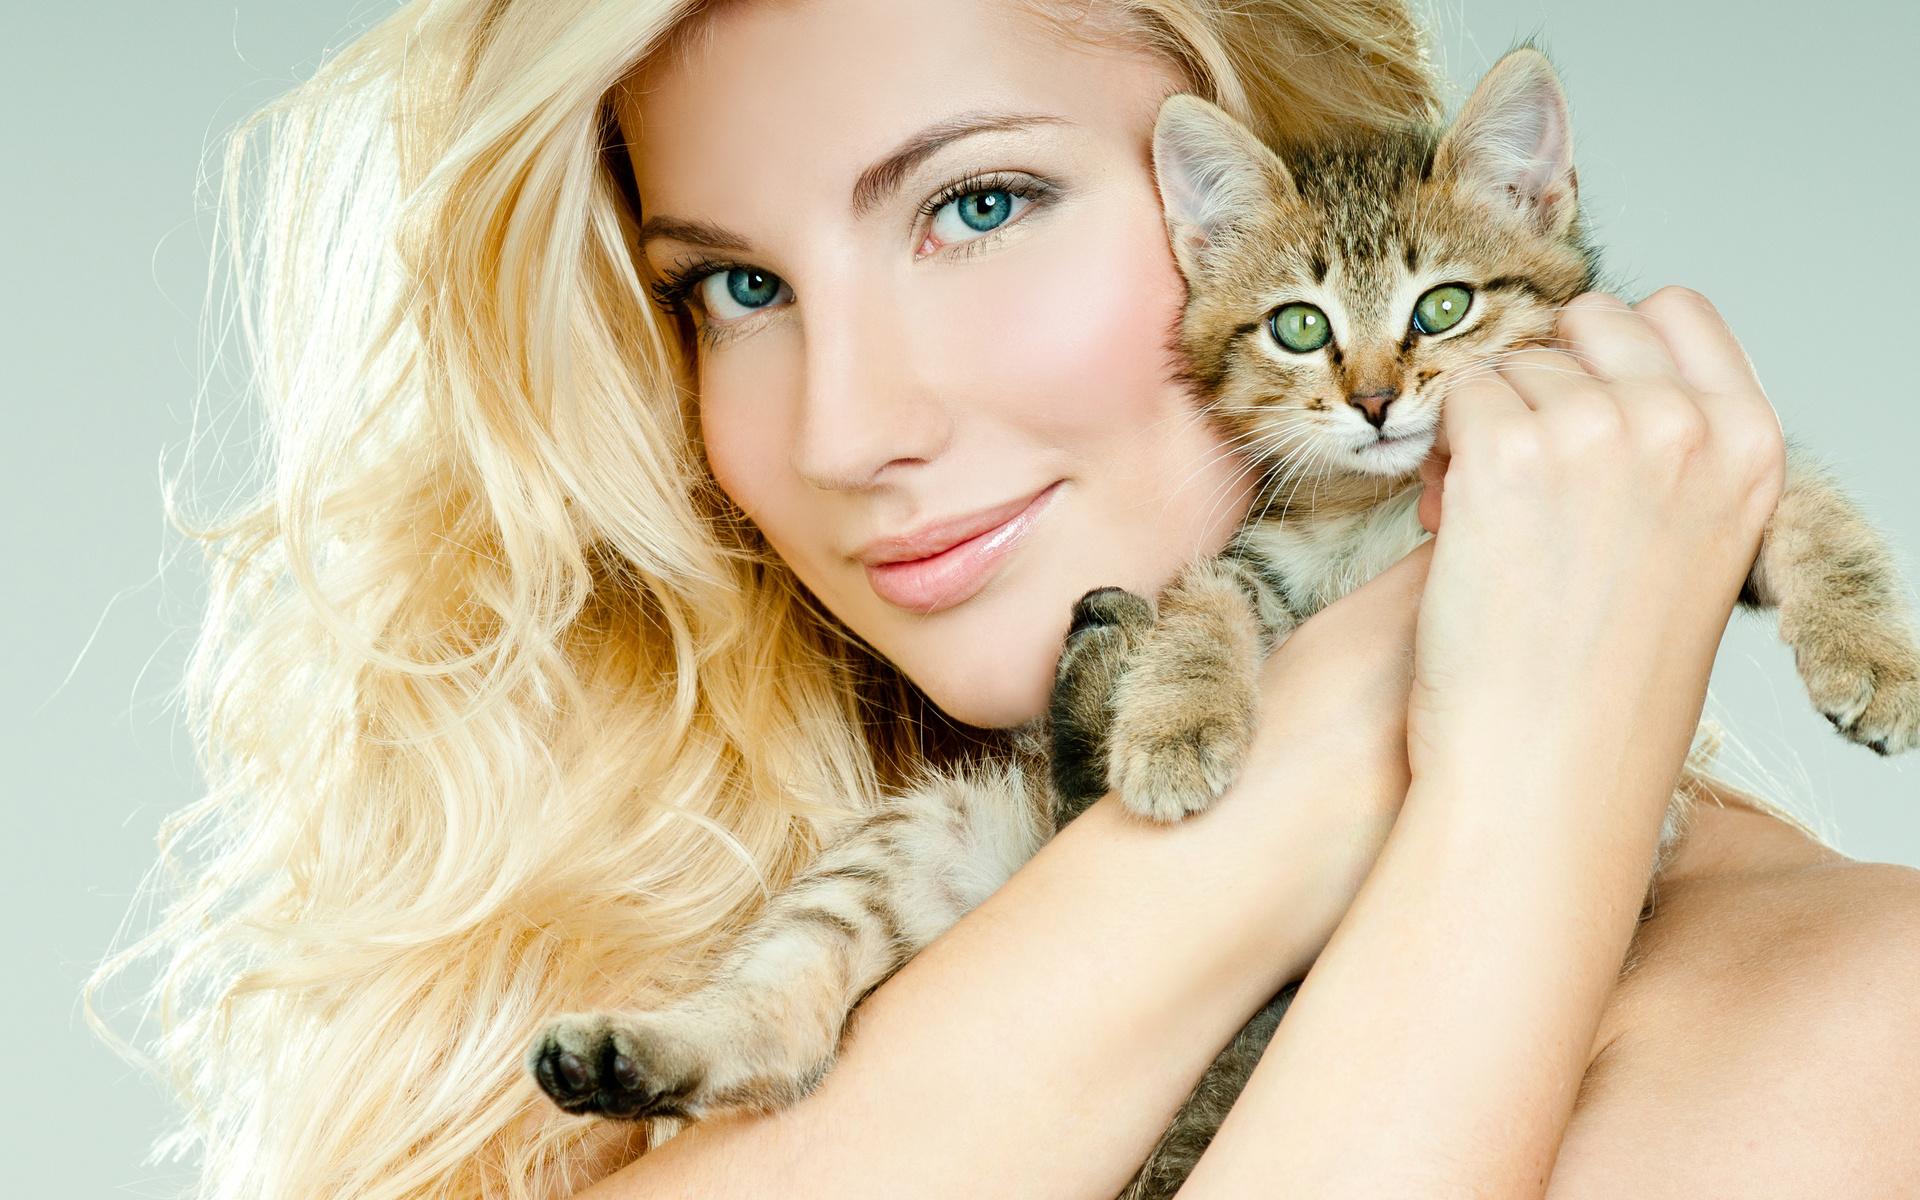 Прикольные картинки девушка с животным